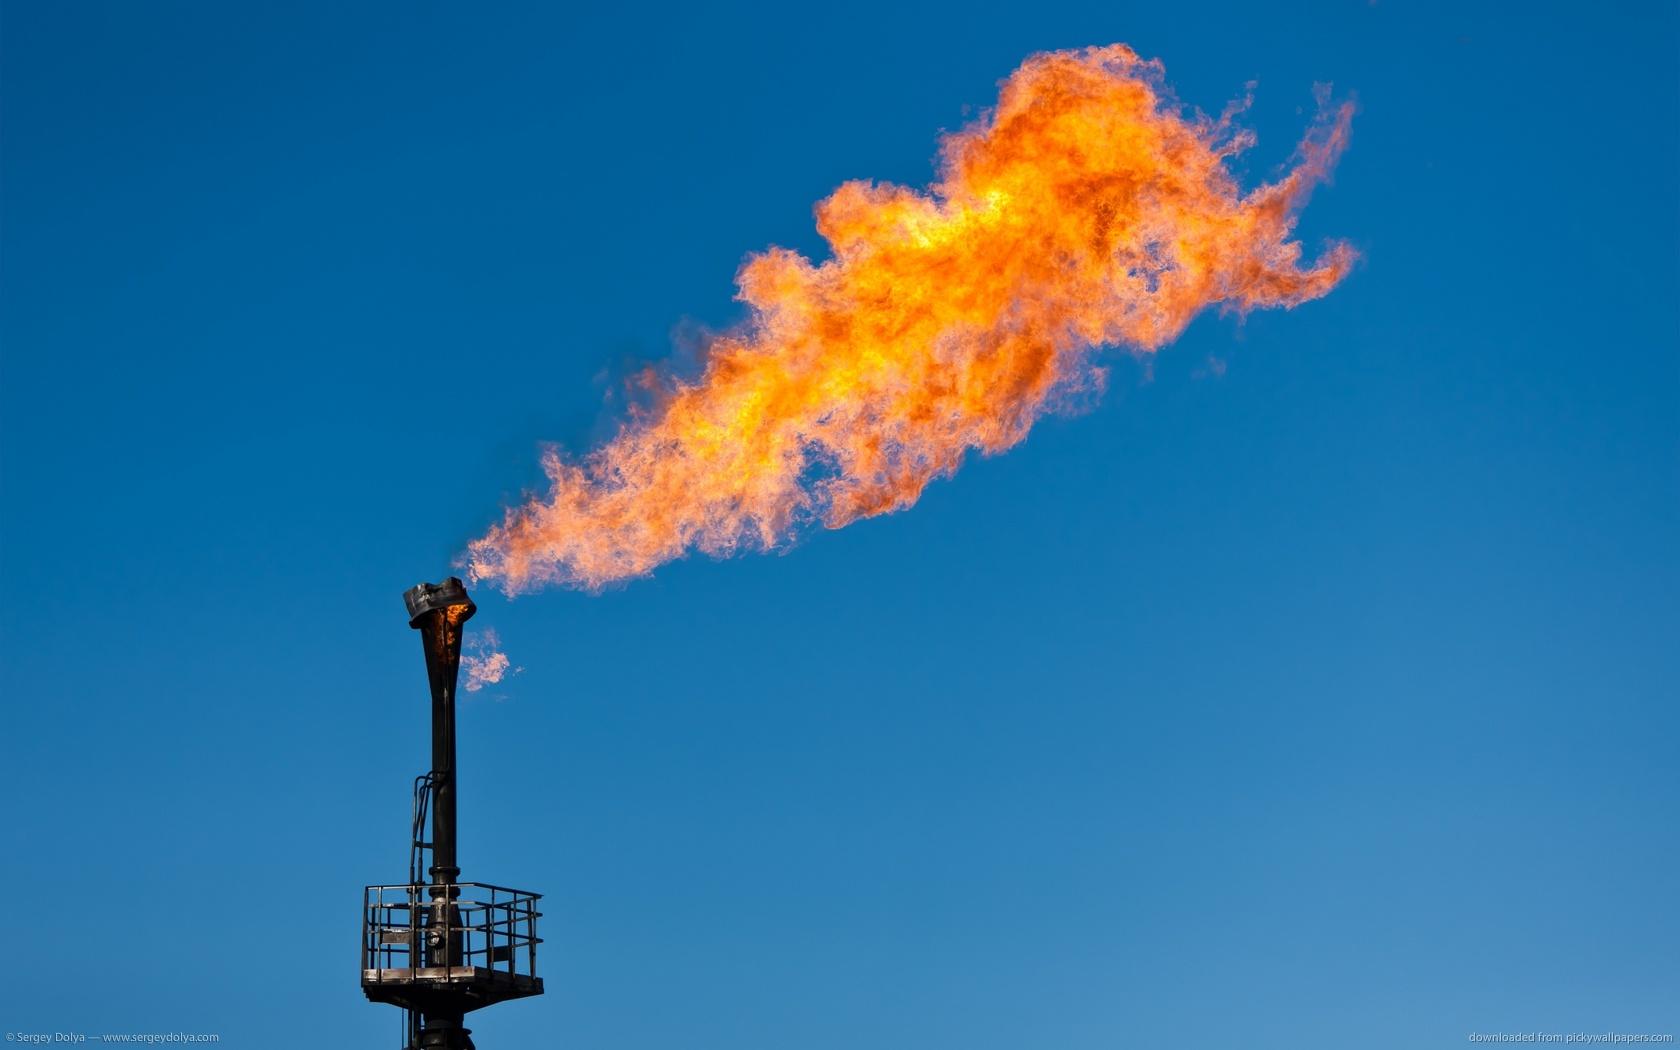 Газпром намерен дальше продавать газ Украине вопреки намерениям Киева обойтись без российских поставок, - Bloomberg - Цензор.НЕТ 4395